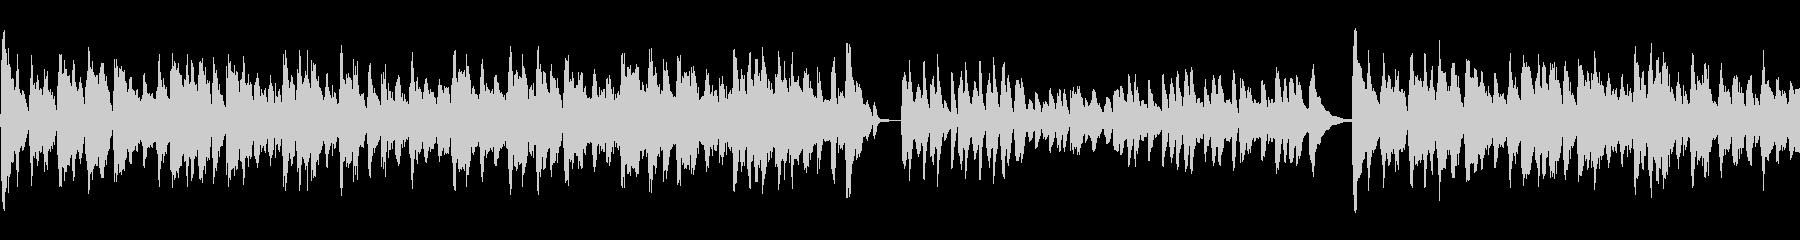 Cartoon ピアノ ストリング...の未再生の波形